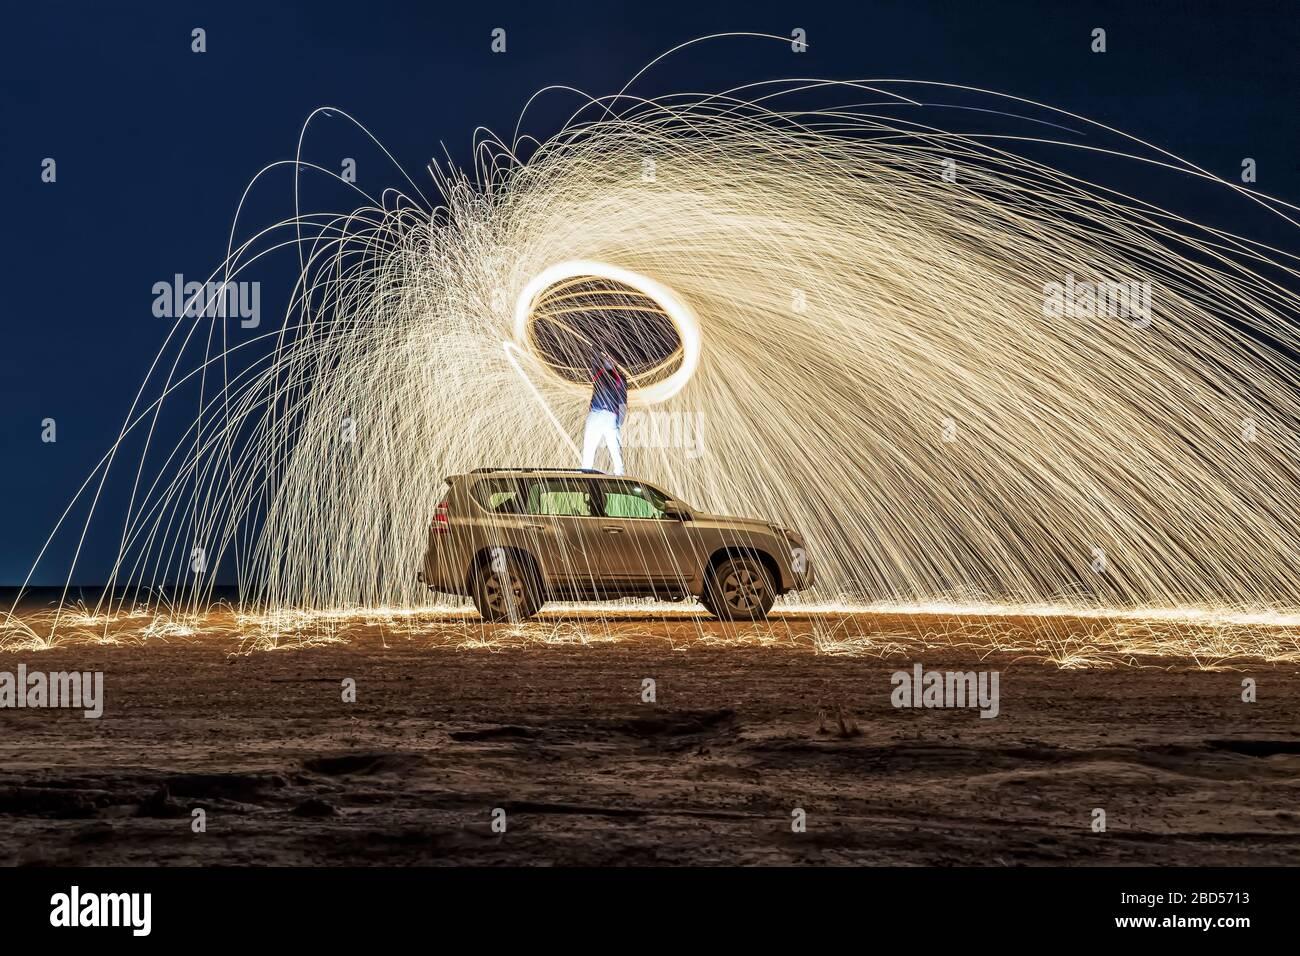 Una lana de acero al fuego por la noche (fotografía nocturna con una velocidad de obturación lenta), con enfoque selectivo. Foto de stock